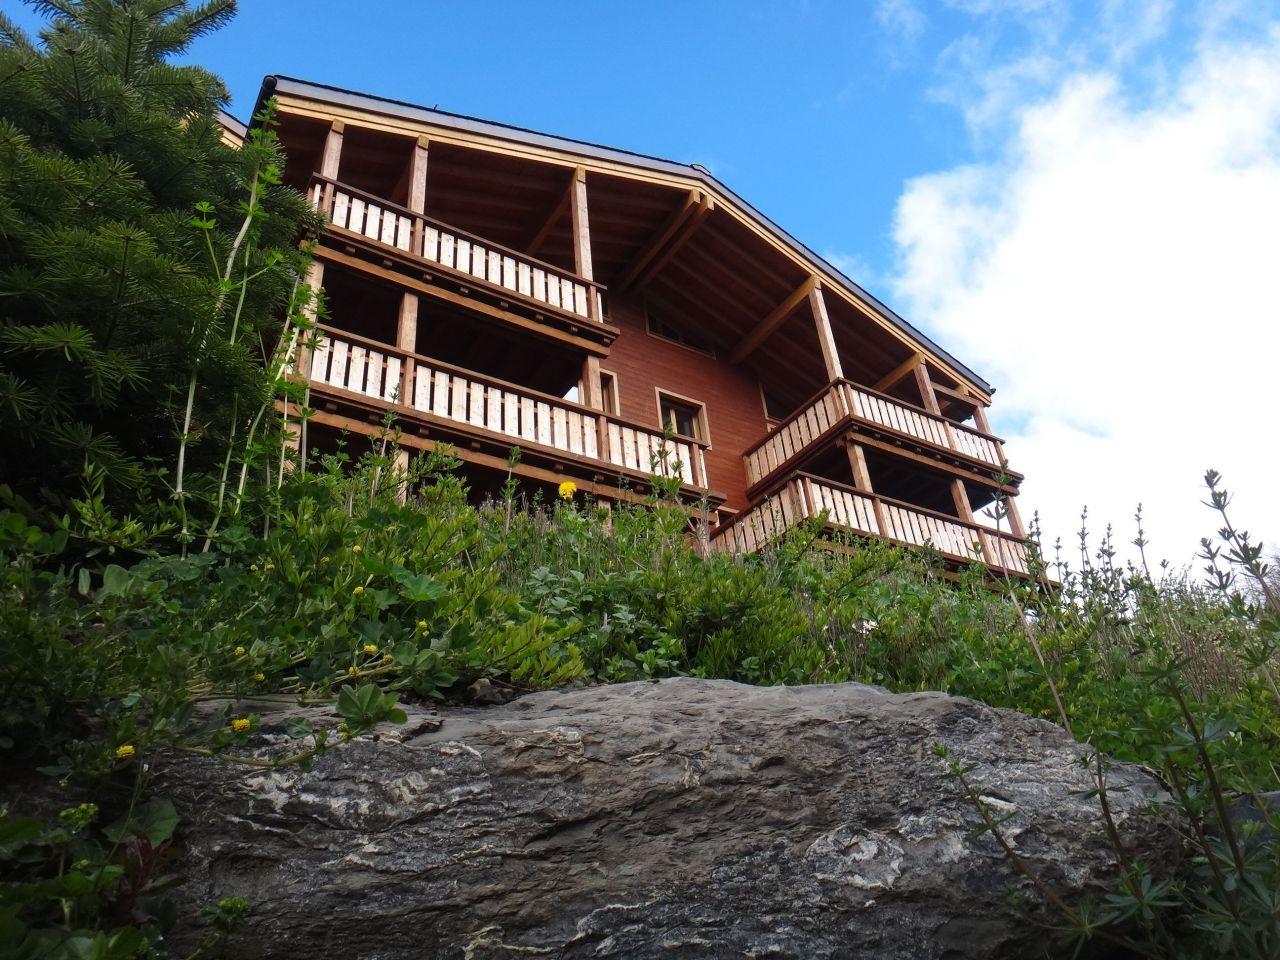 Апартаменты в Эгле, Швейцария, 76 м2 - фото 2